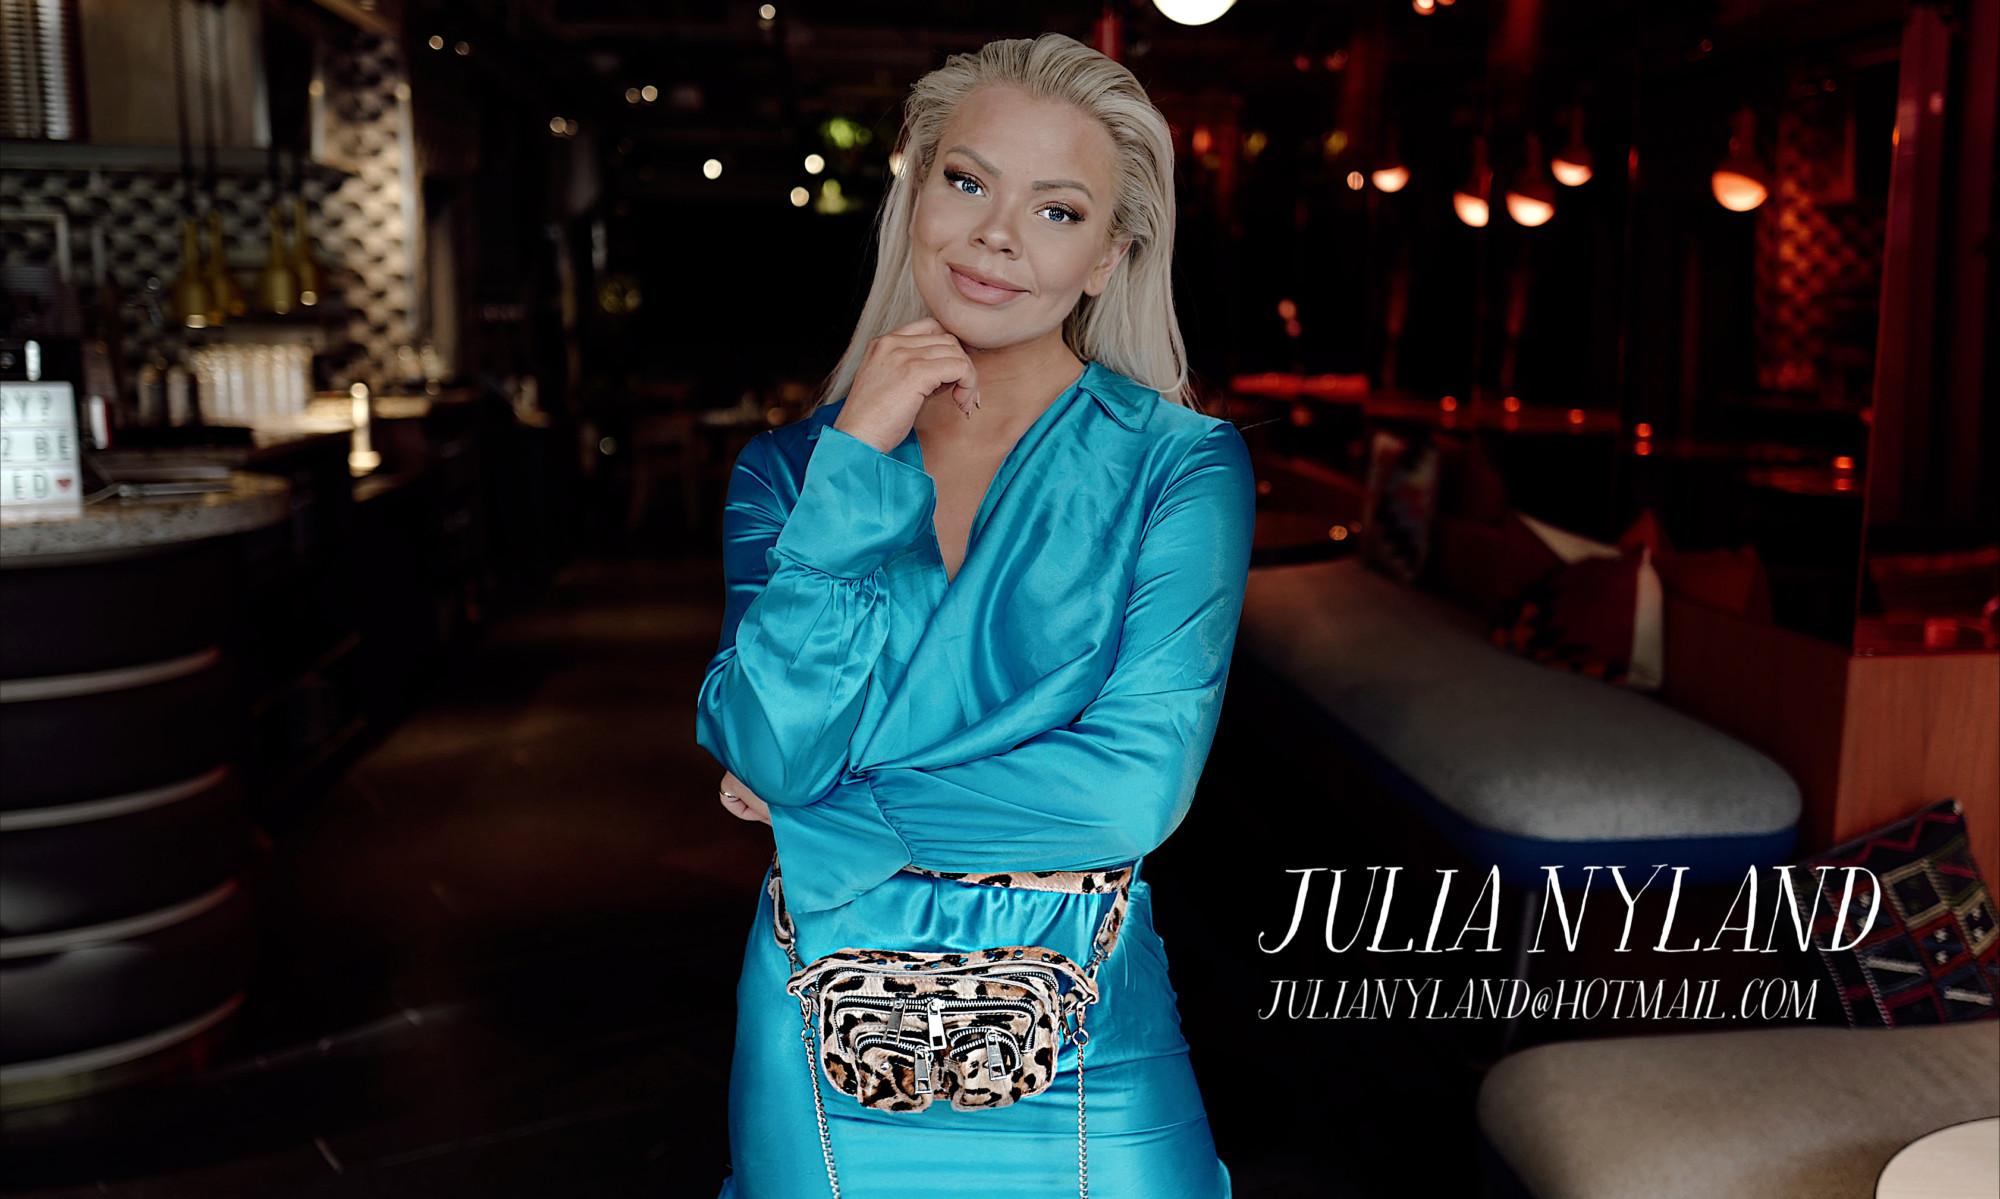 Julia Nyland